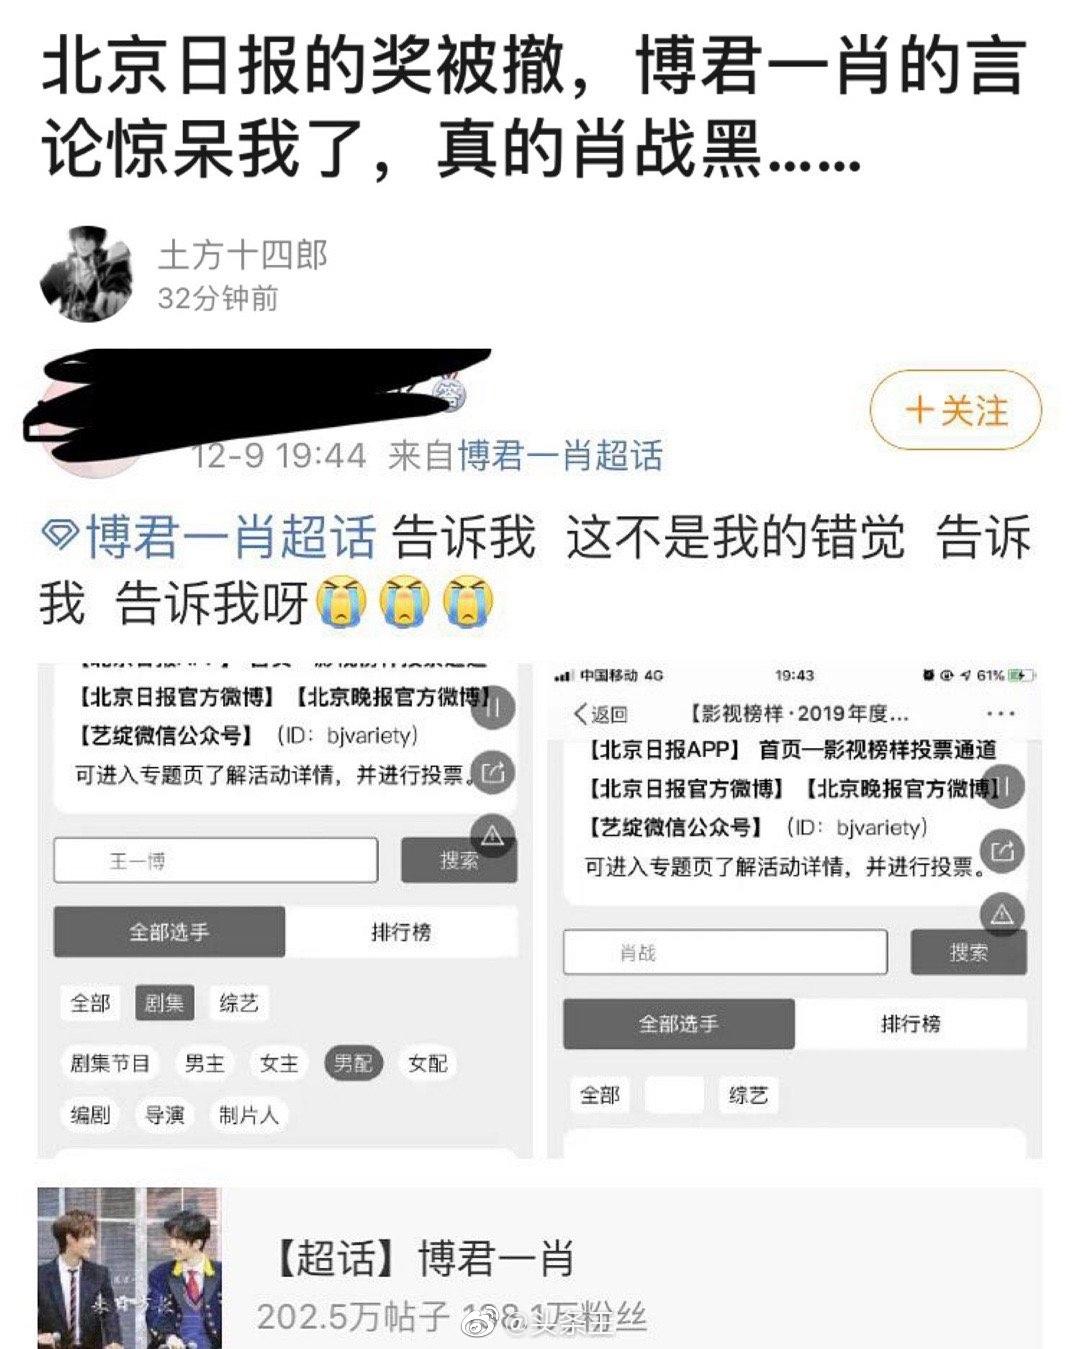 北京日报官博撤了陈情令的投票,博君一肖CP粉表示如果王一博是配角